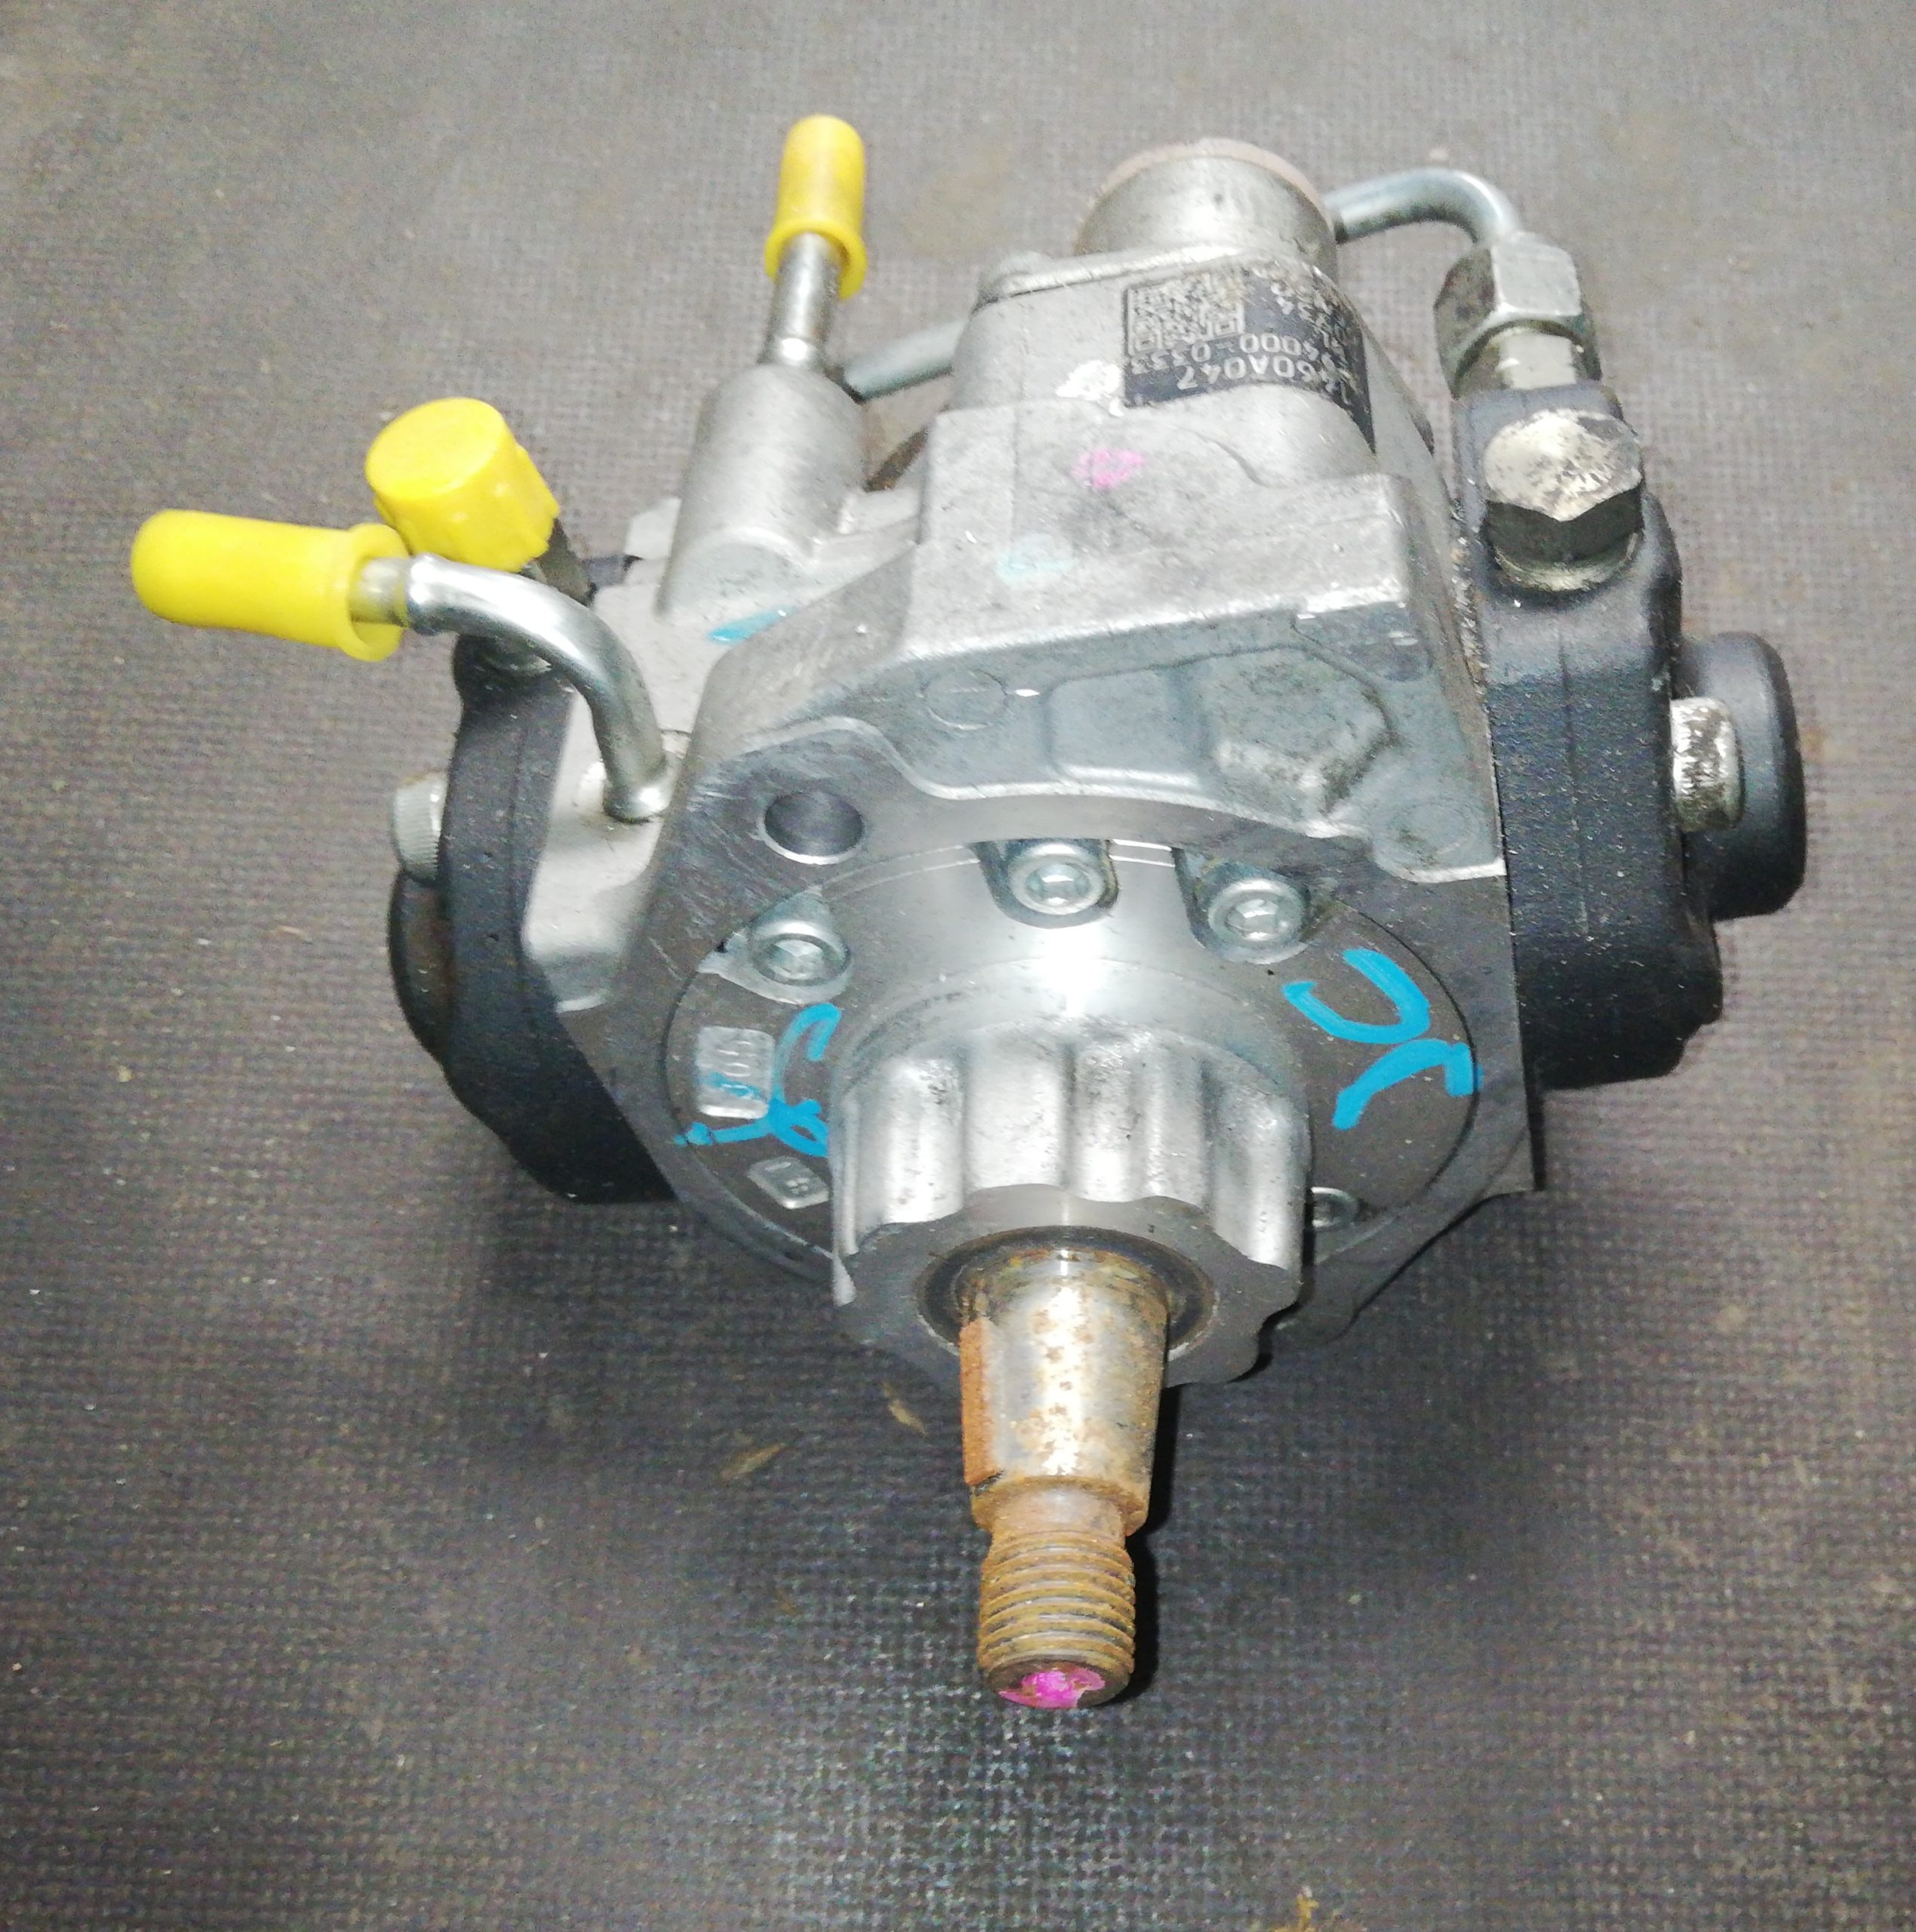 Sprawdzona Pompa Mitsubishi L200 2.5 DID 1460A047 SM294000-0333